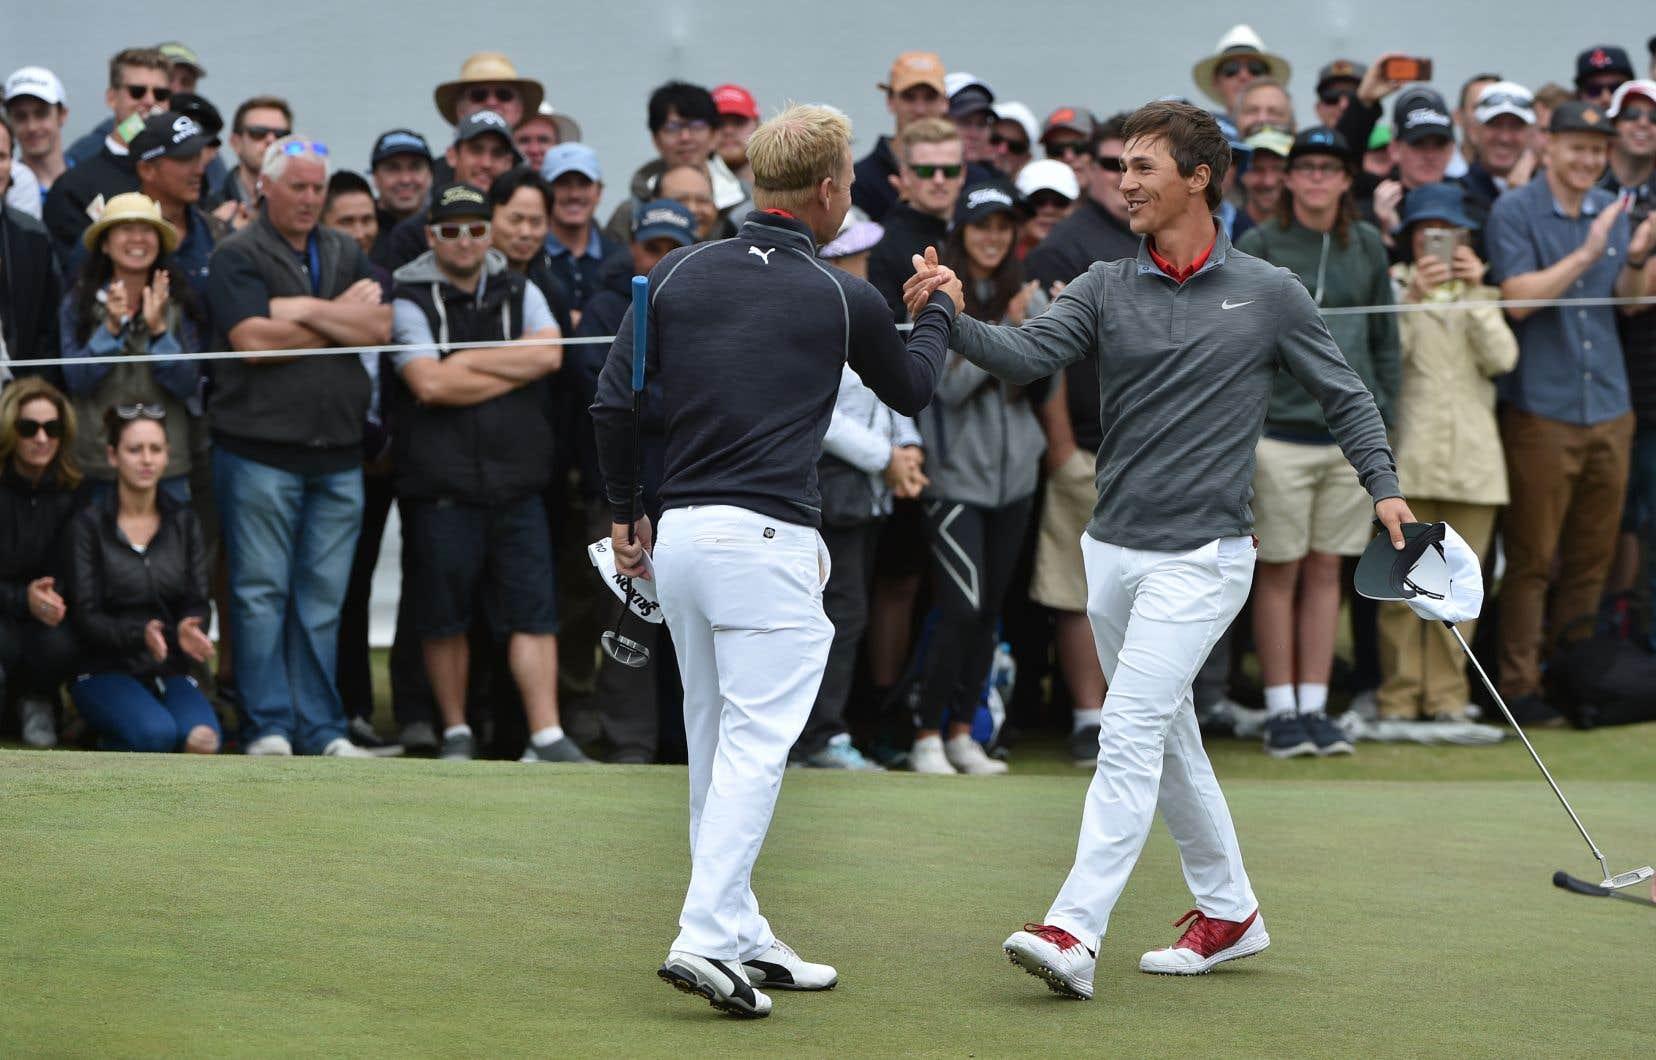 Le Danemark revient comme champion en titre dans le tournoi.